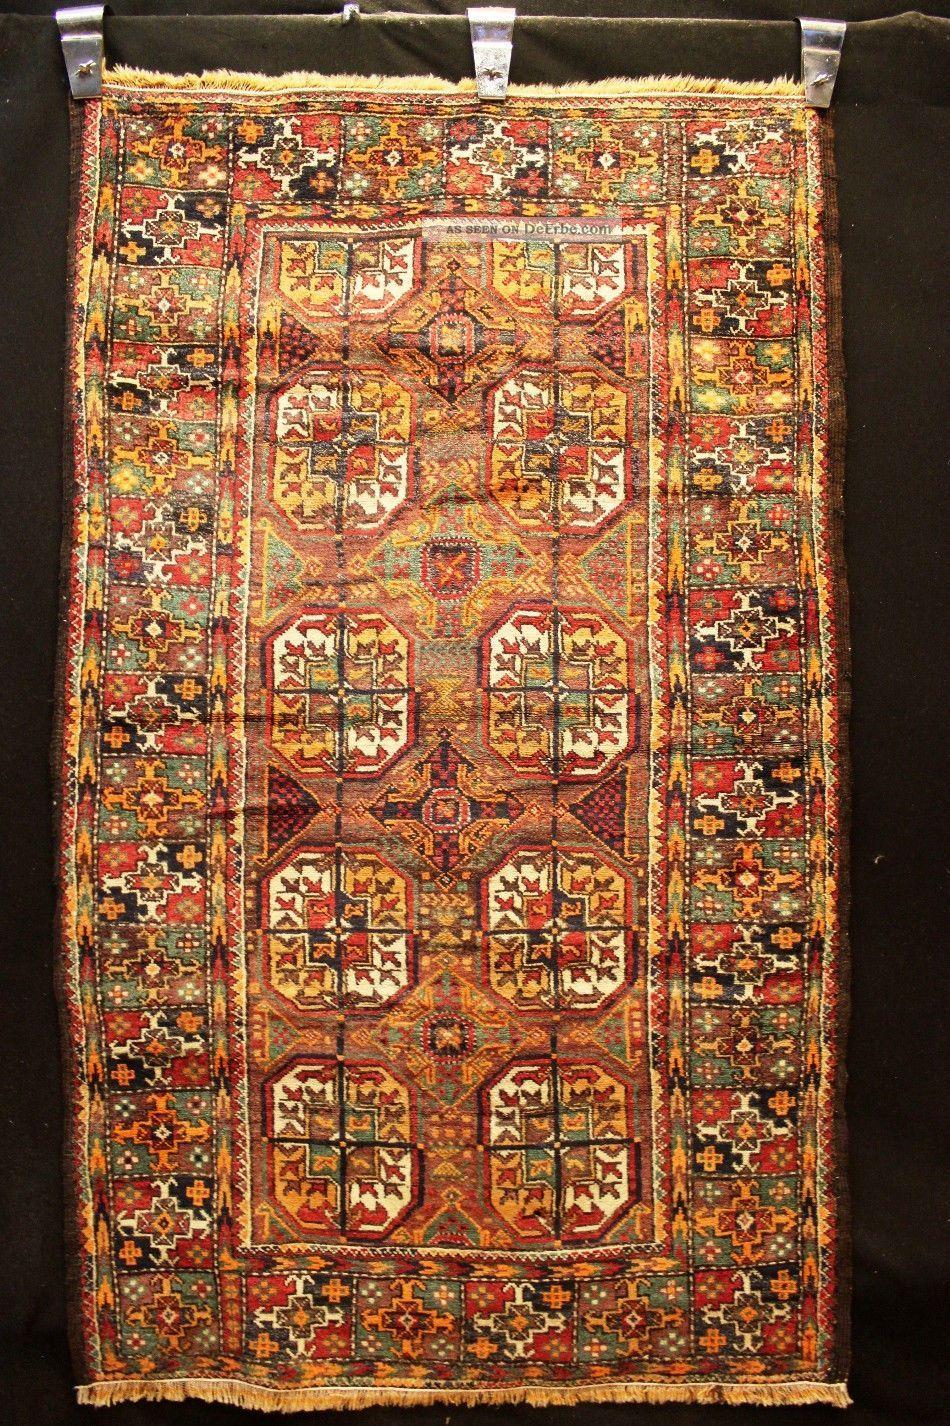 Russische Teppiche 80 jahre russischer tekke shirvan kazak buchara saboli teppich